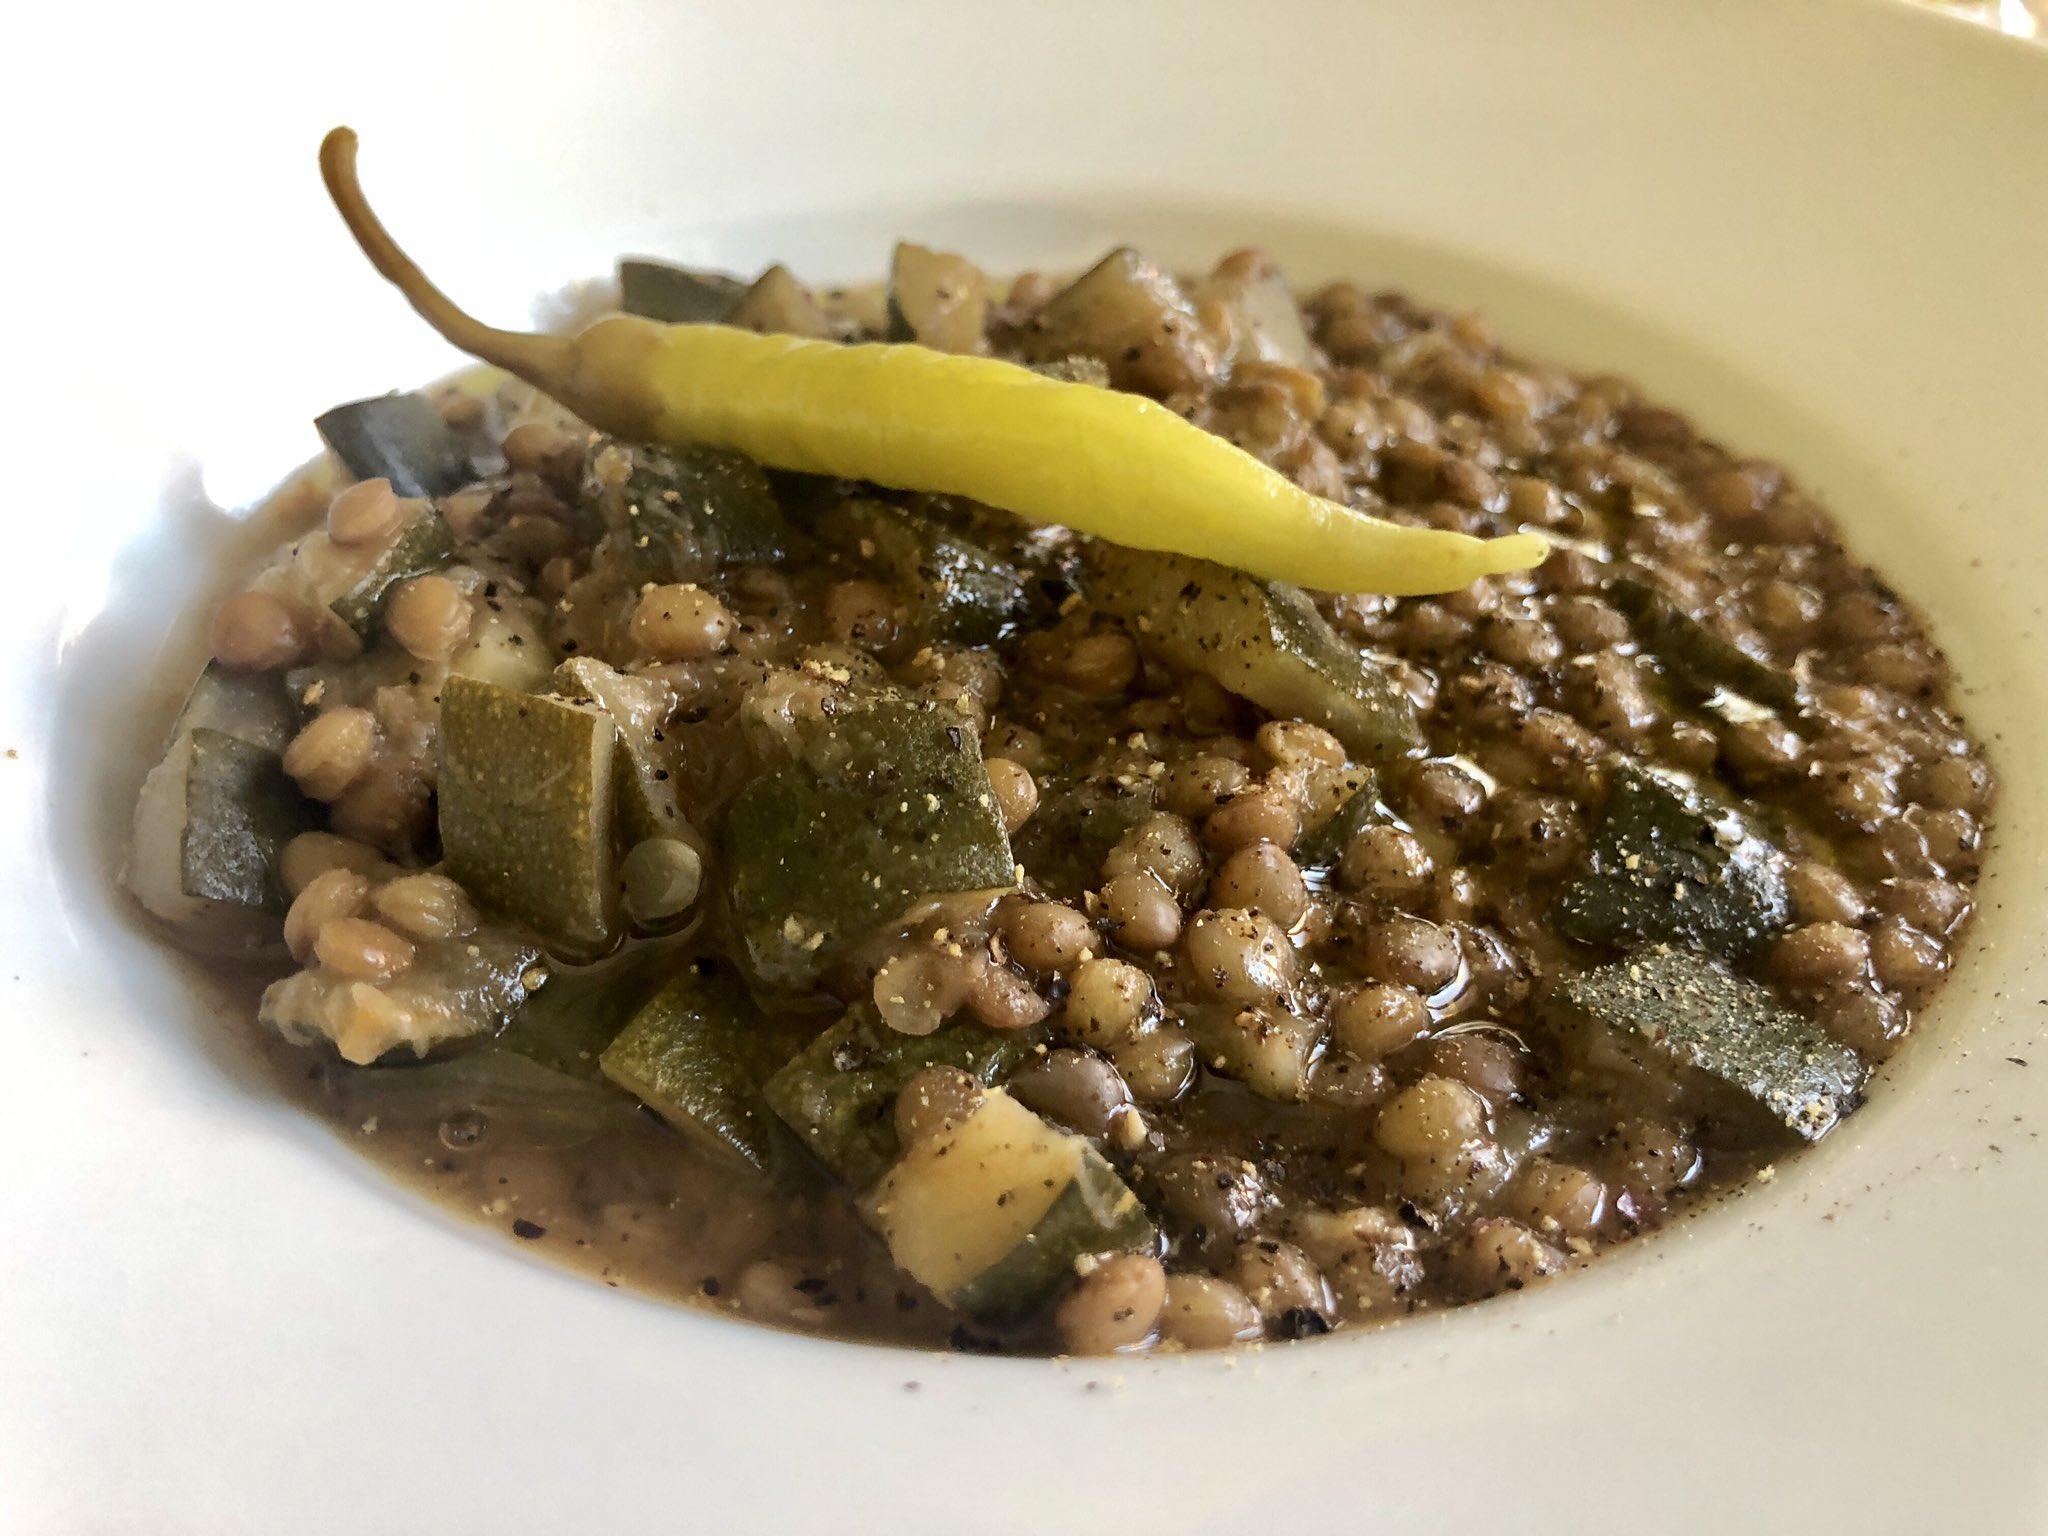 Las lentejas de Enklima y las lentejas tradicionales - Un sitio de gastronomía - mayo 25, 2021